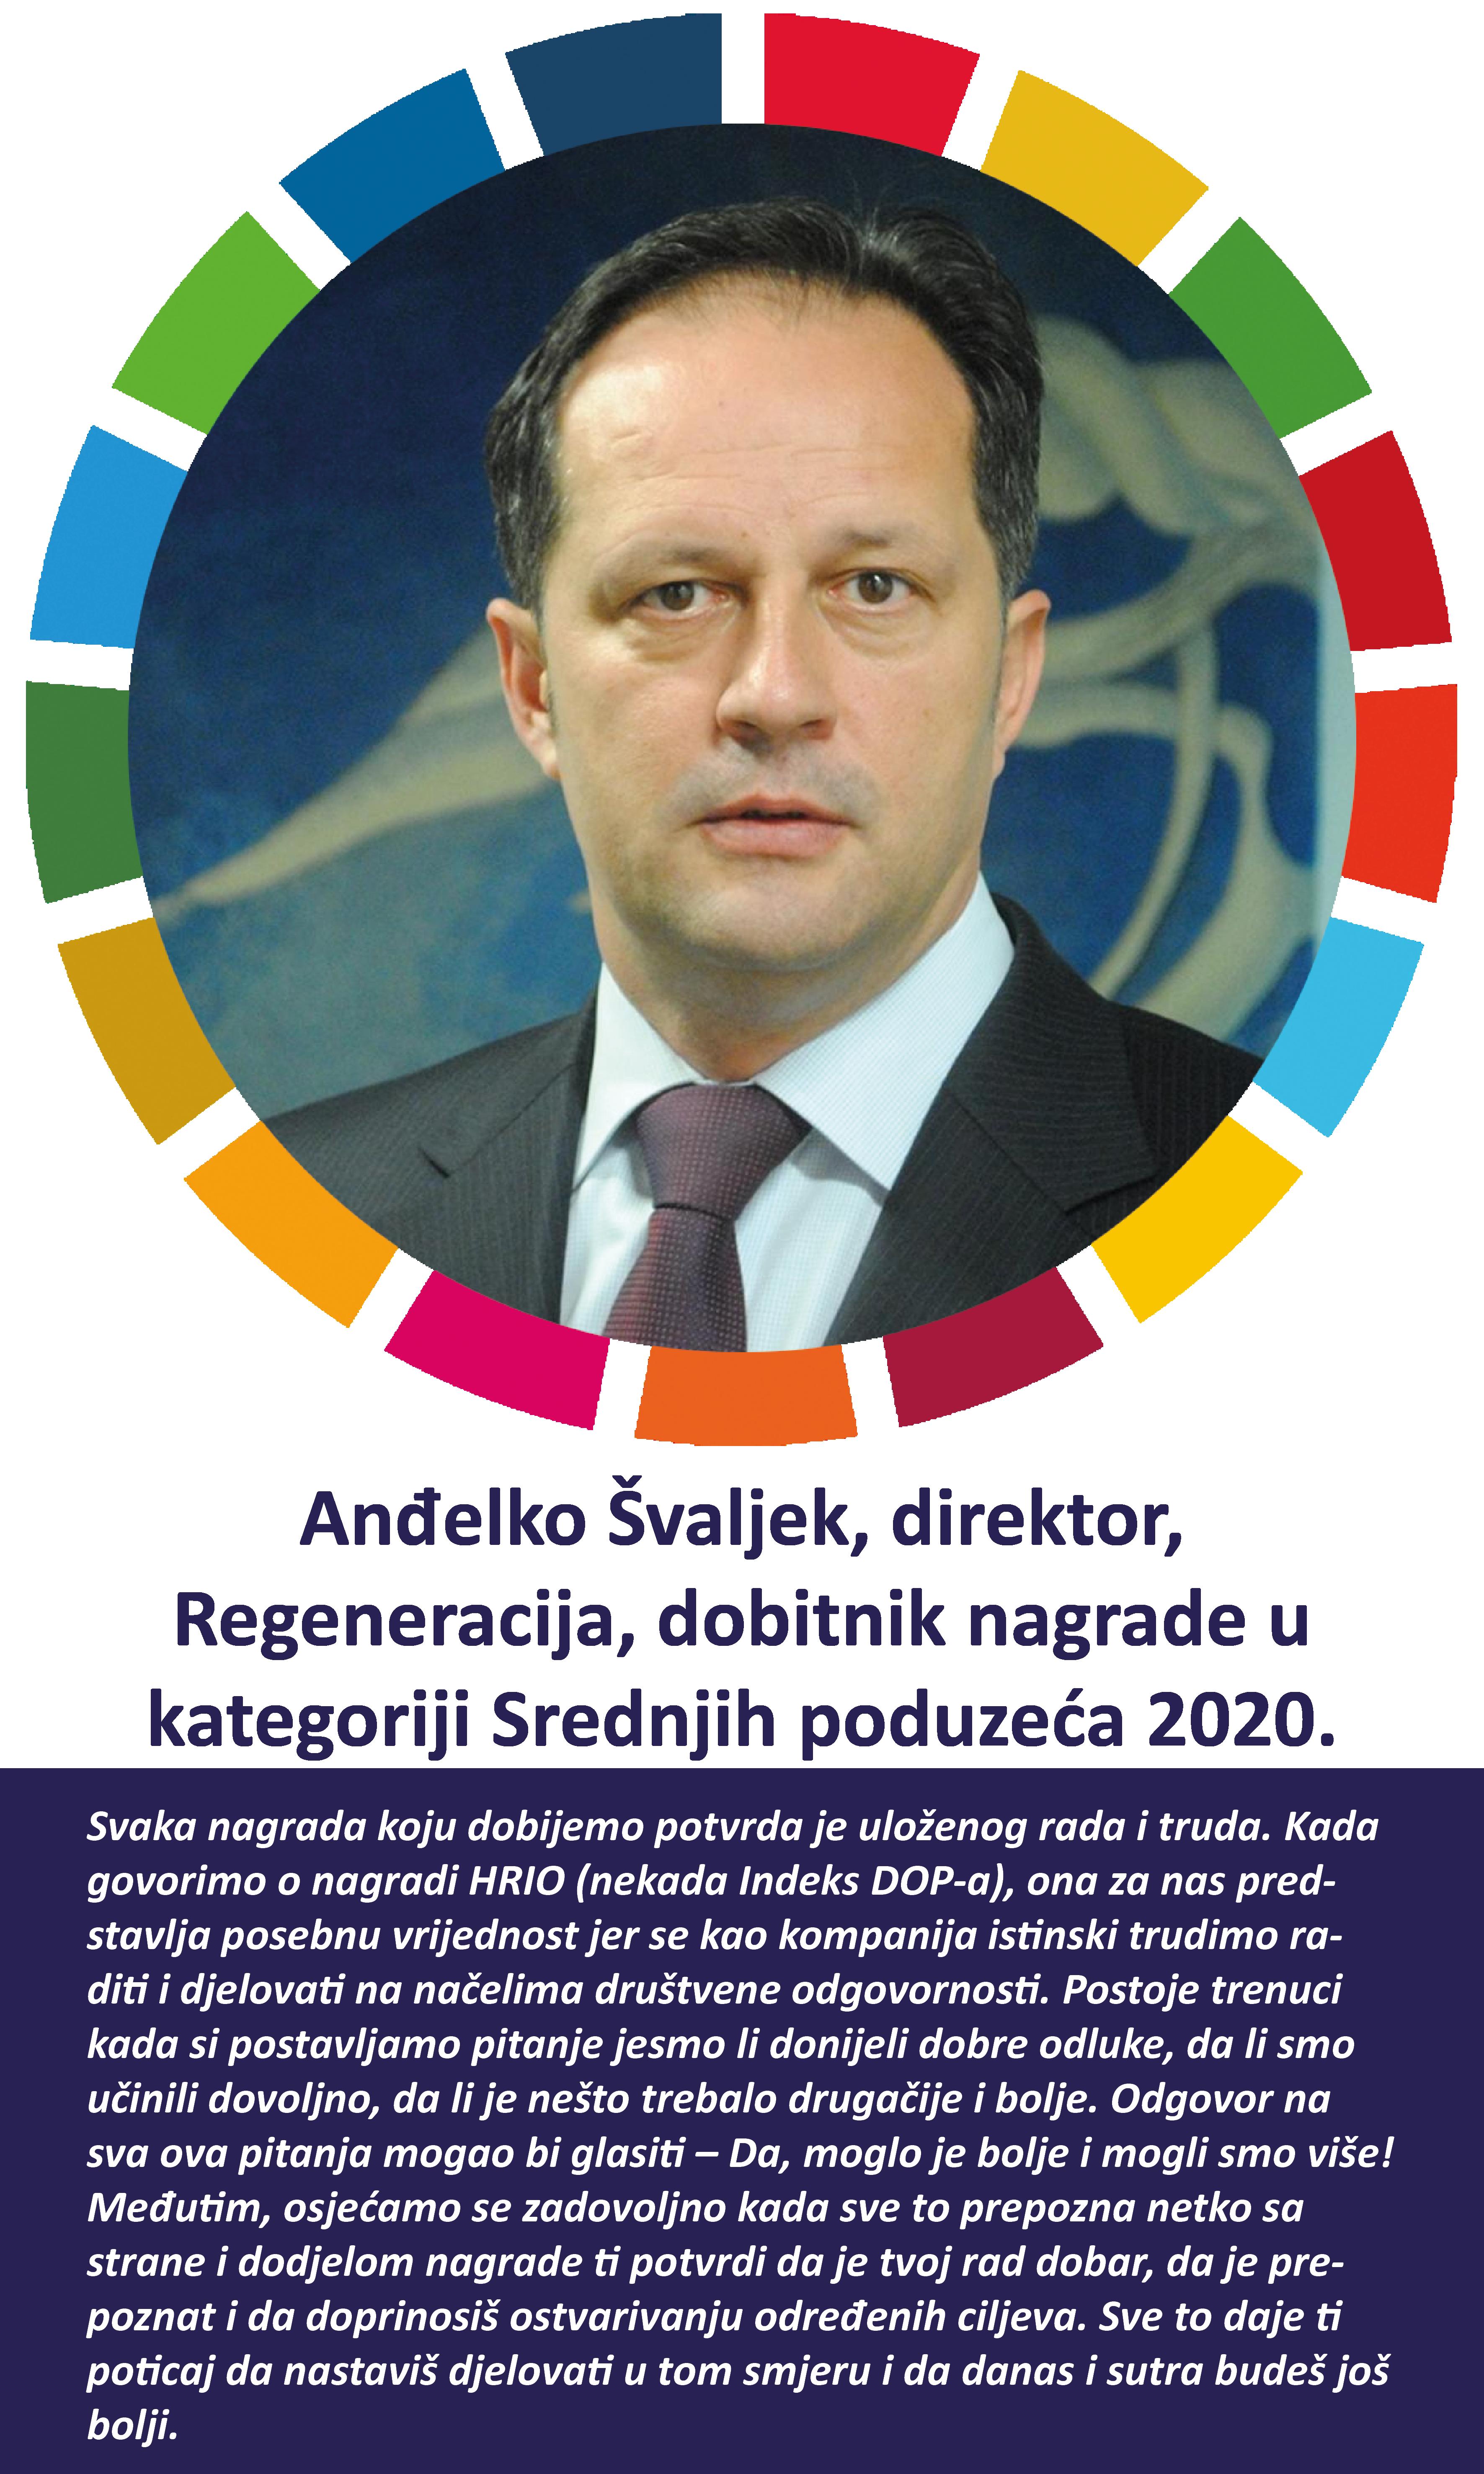 Anđelko Švaljek, direktor - Regeneracija Društveno odgovorno poslovanje u Hrvatskoj - Dop.hr